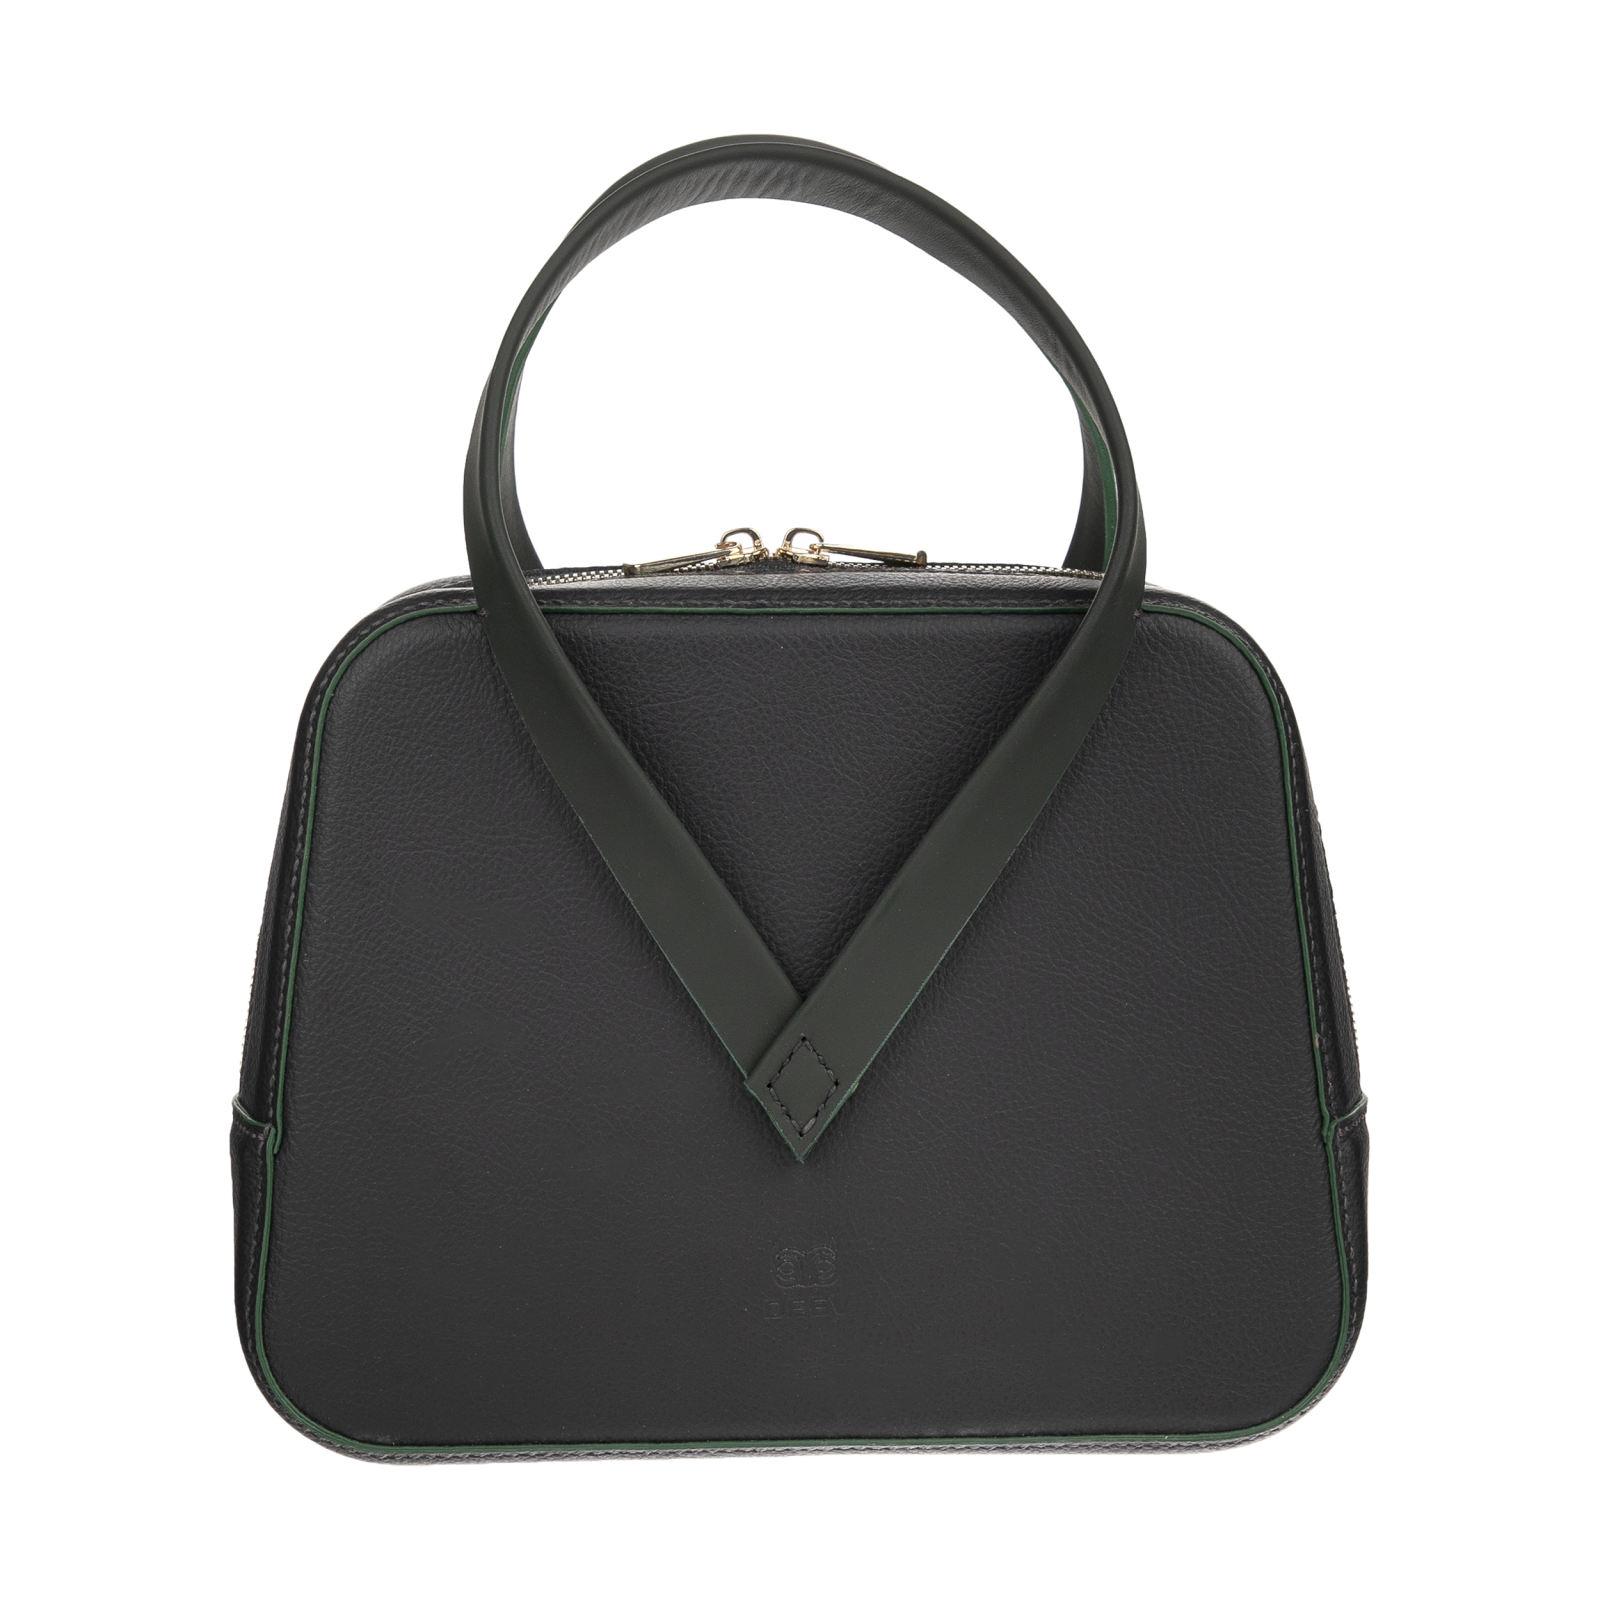 کیف دستی زنانه دیو مدل 1573100-99 -  - 2